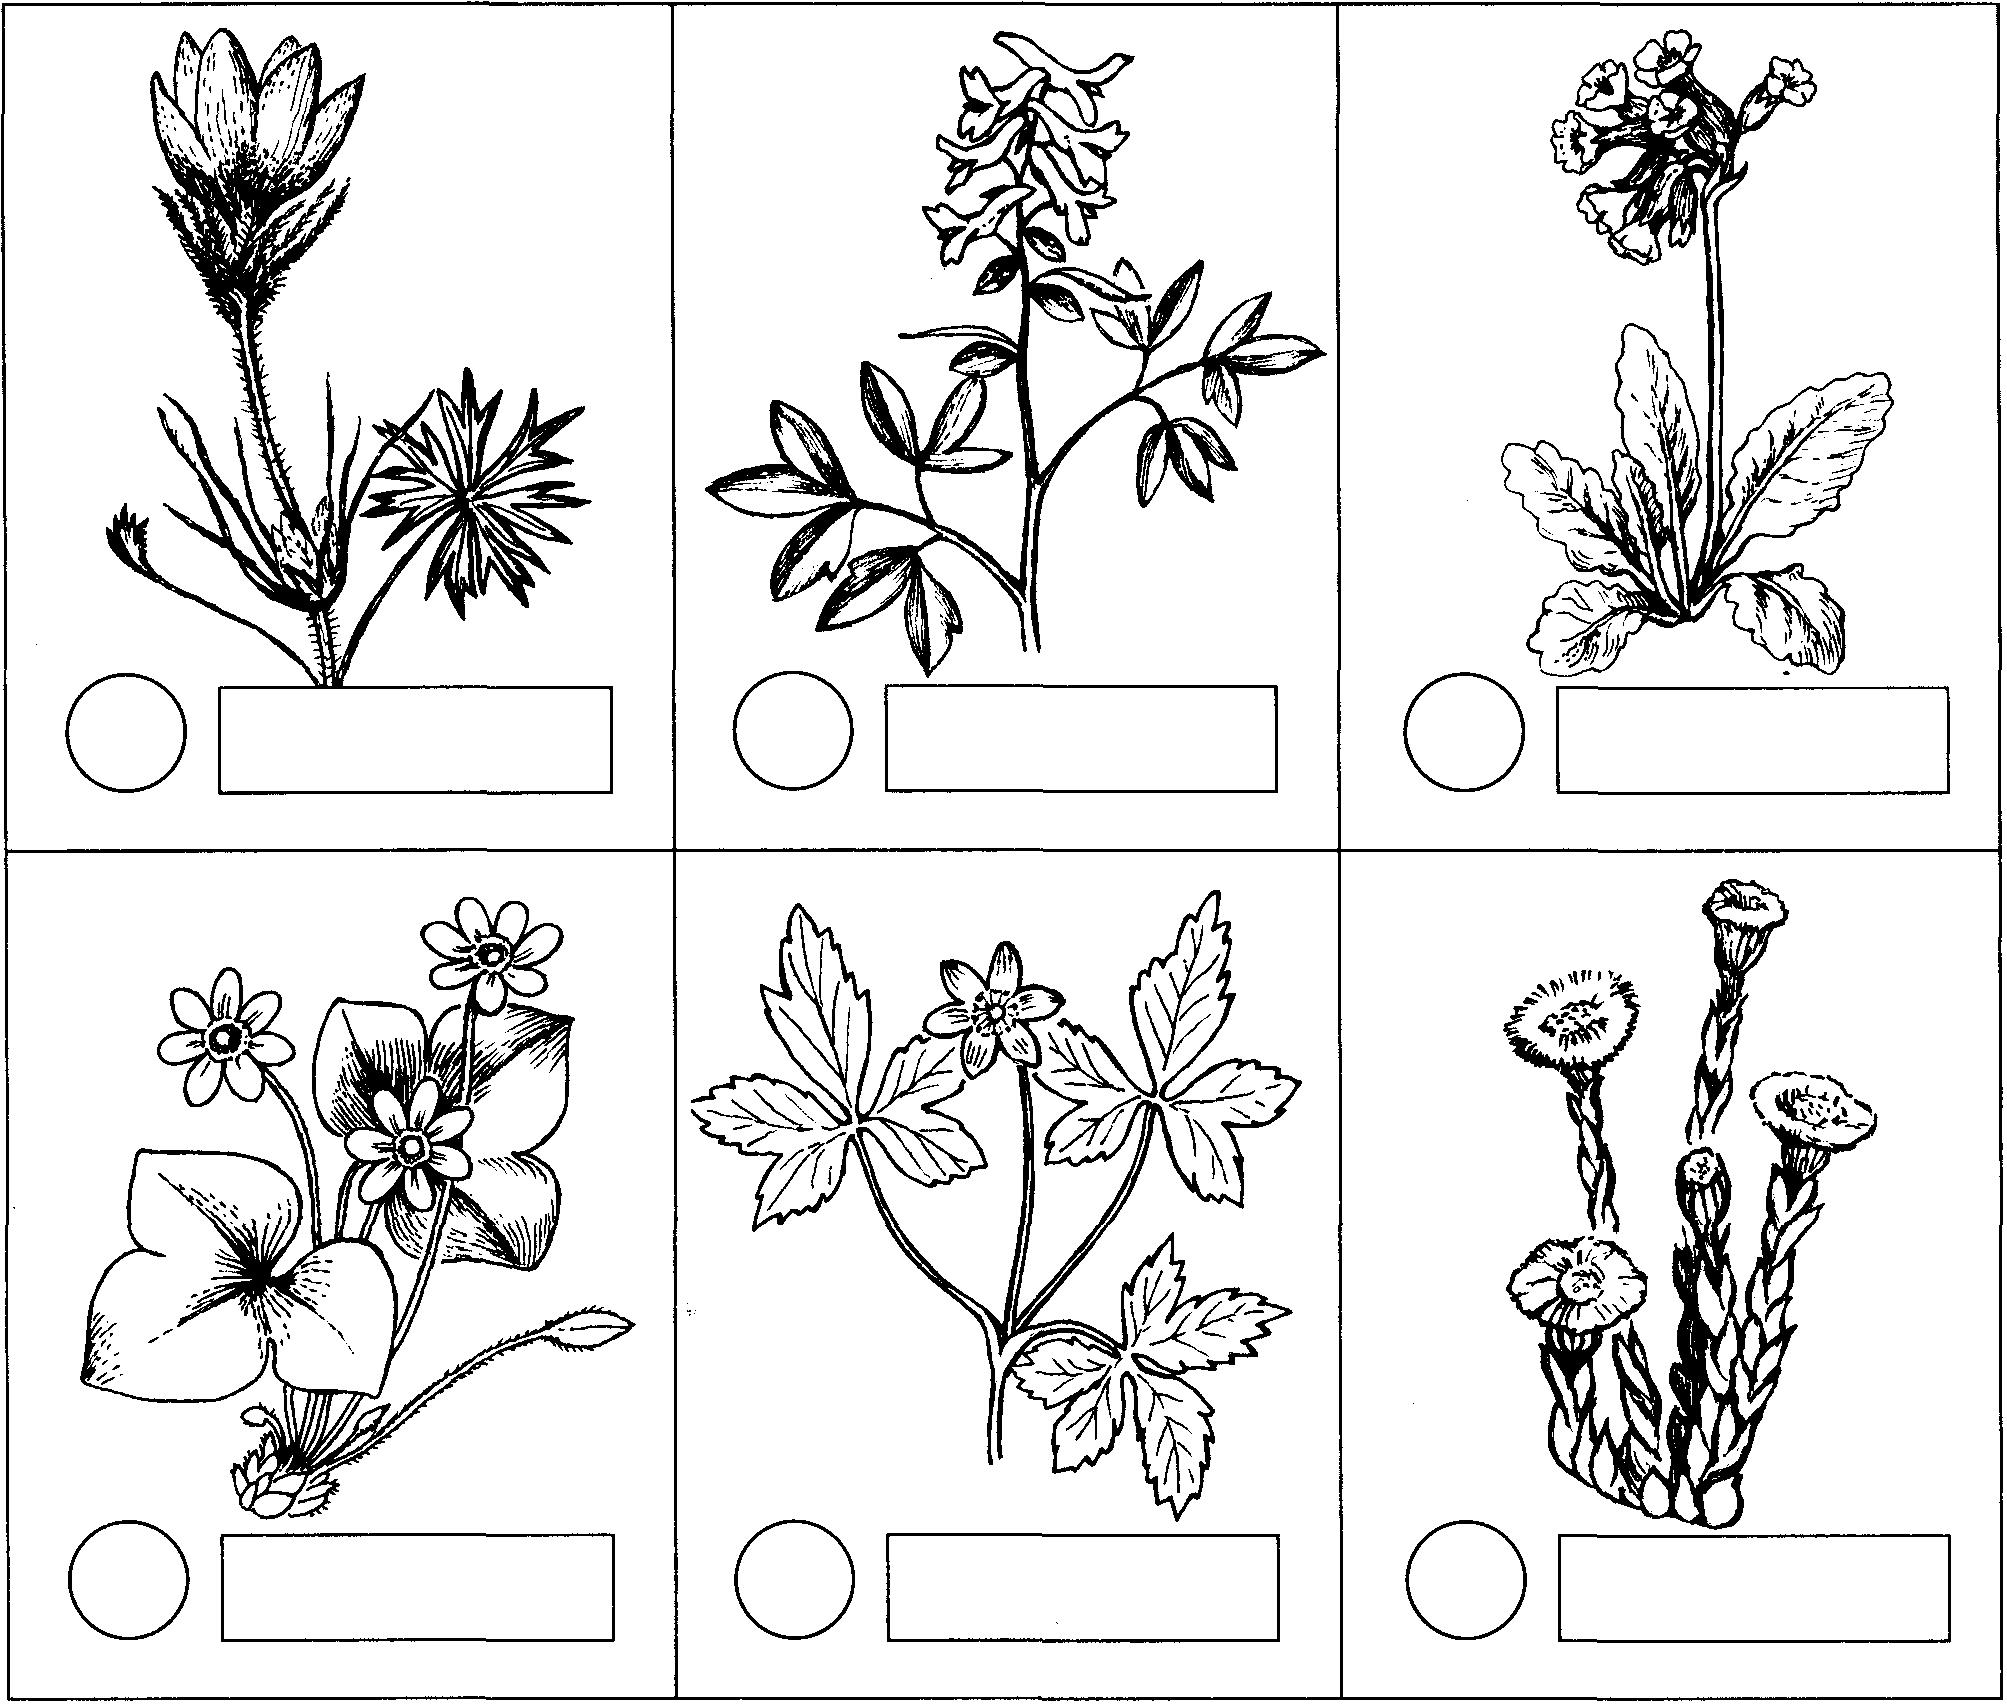 аллигатор соотнесите картинки со схемами и раскрасьте кружок яичной скорлупой